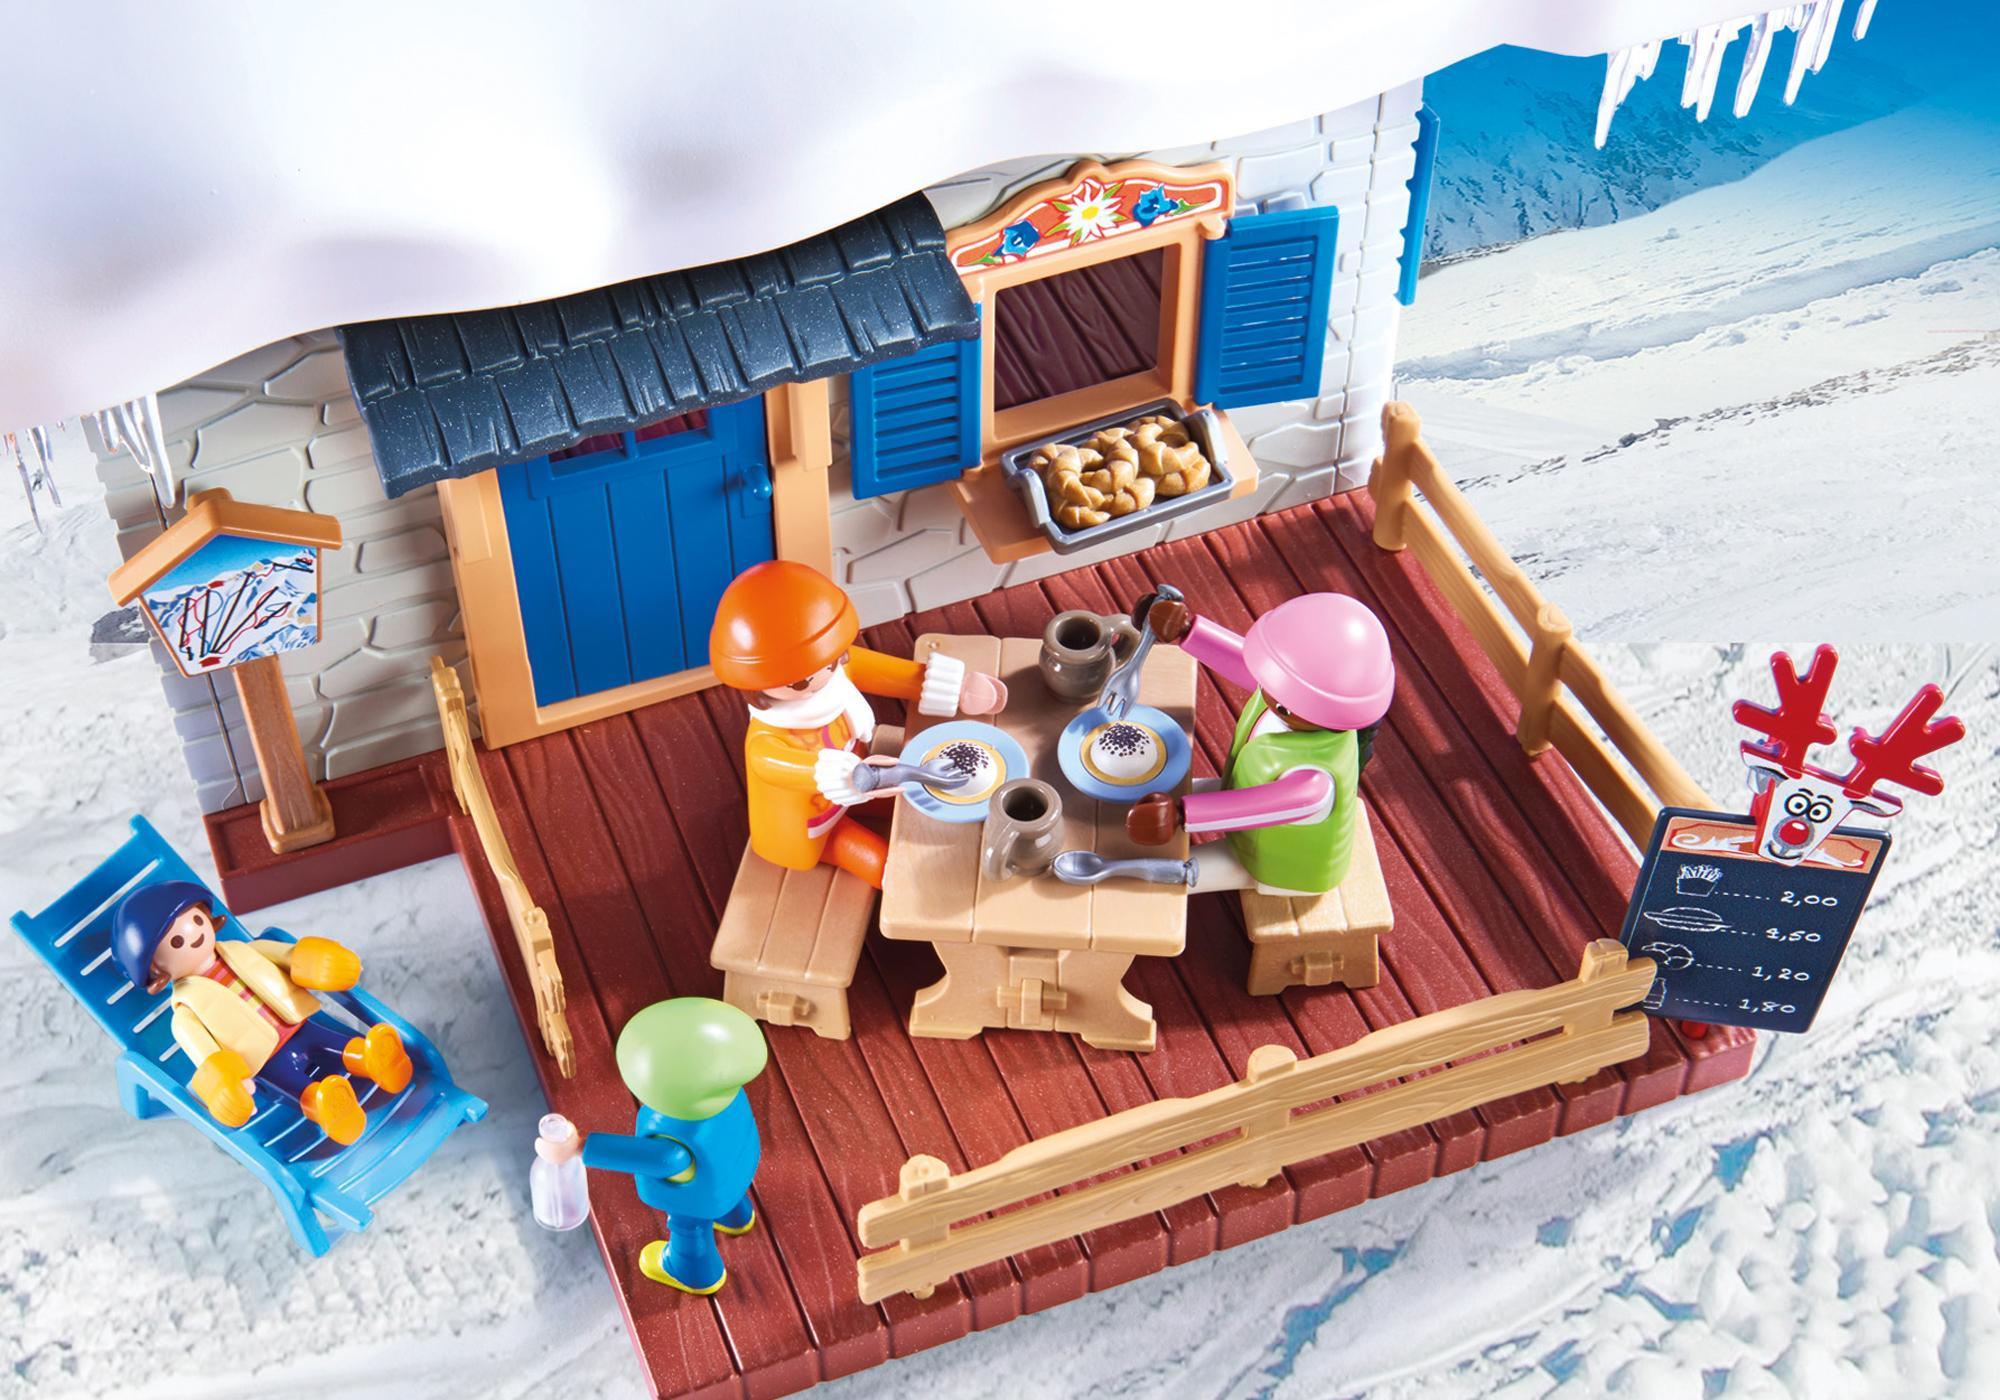 http://media.playmobil.com/i/playmobil/9280_product_extra1/Cabana de Esqui